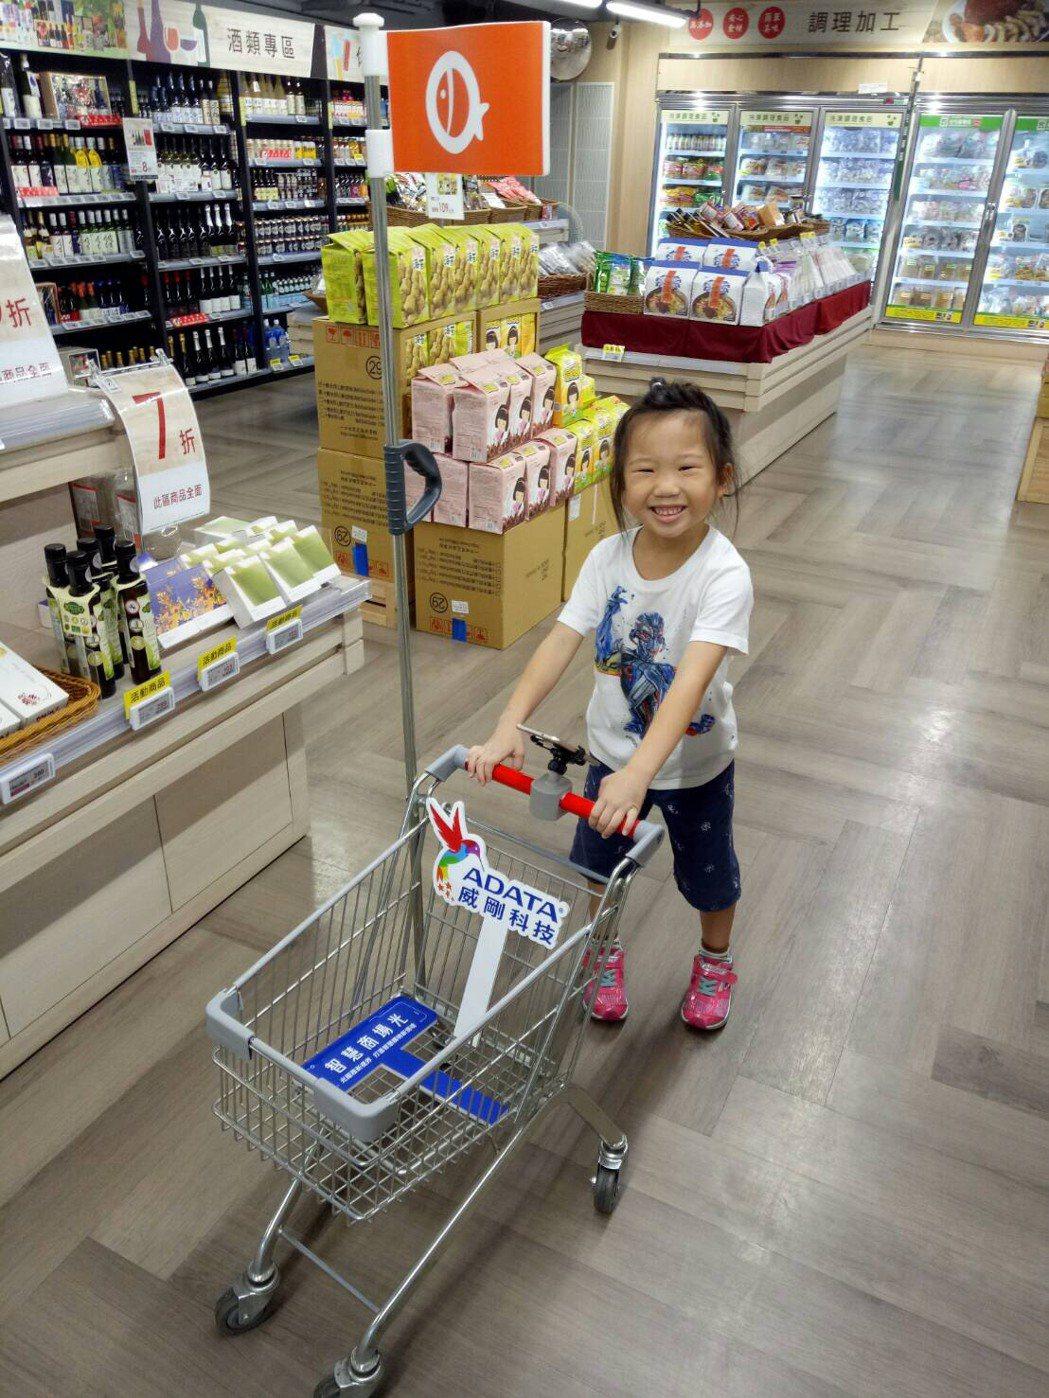 智慧商場光讓購物變簡單,讓大人小孩也能一起享受購物樂趣。 威剛科技/提供